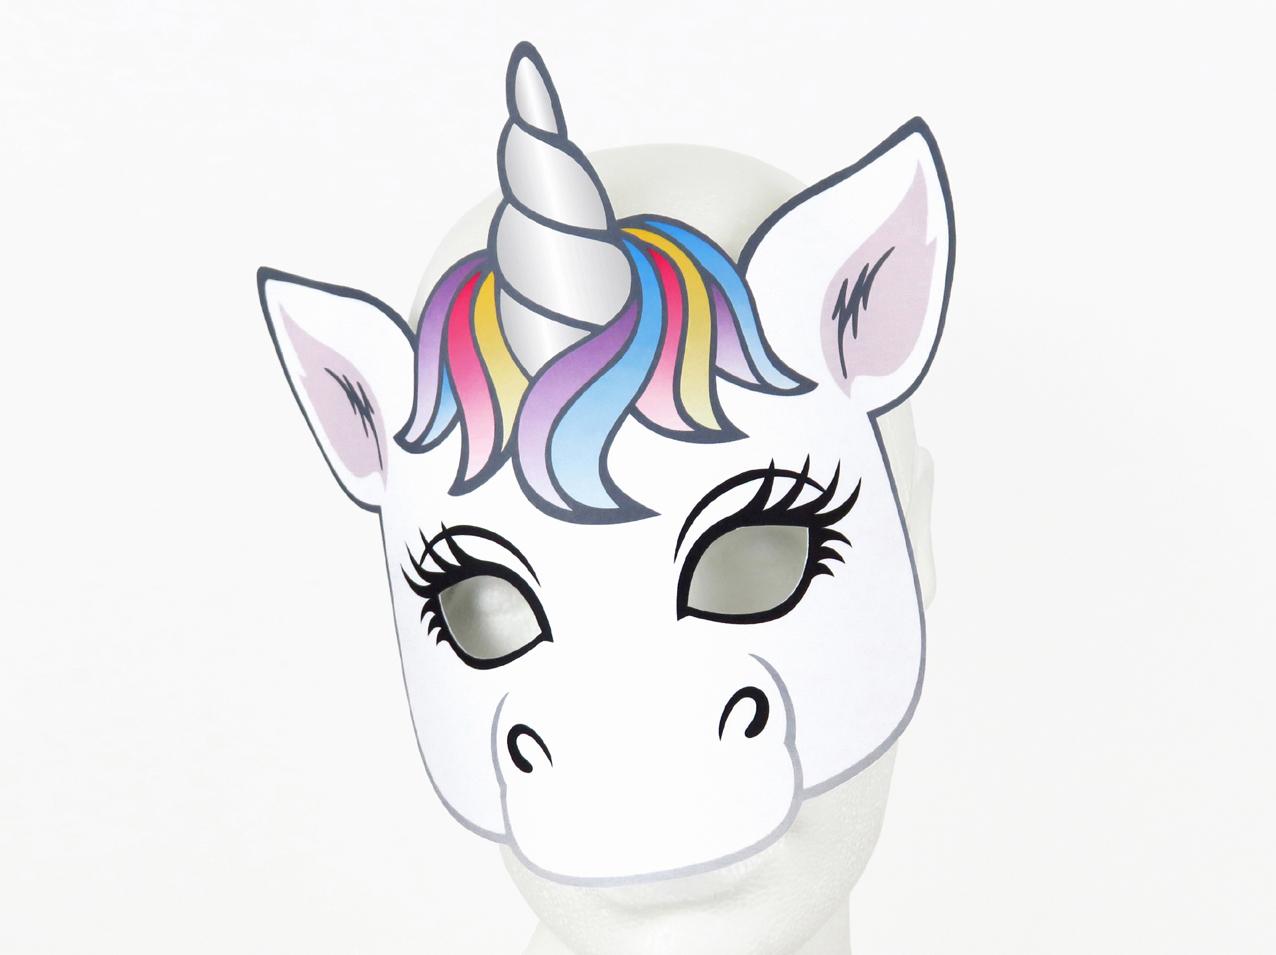 Maske - Einhorn - Zum Ausdrucken in Masken Zum Ausdrucken